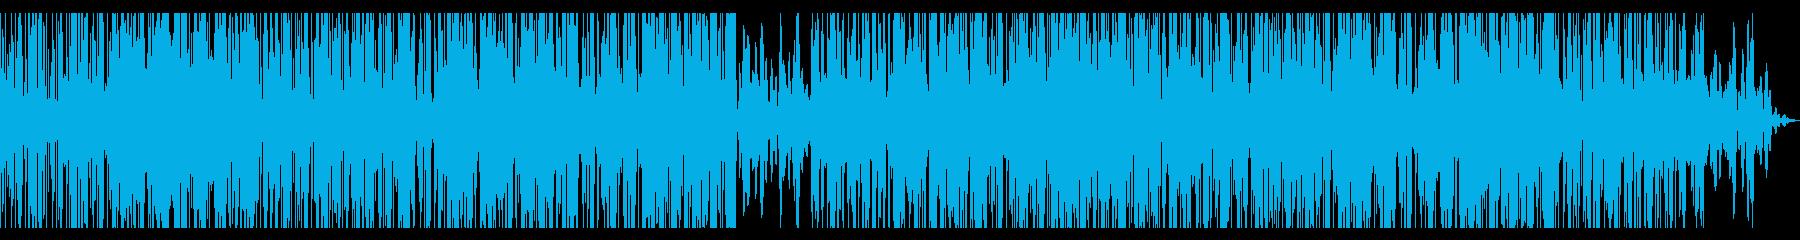 ローファイなHIPHOPサウンドの再生済みの波形